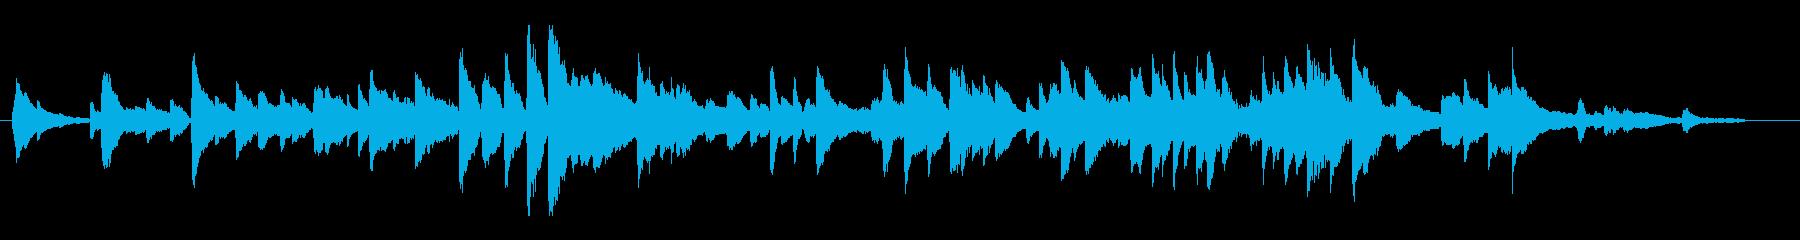 思い出シーンの微妙な気持ち転換を表現す…の再生済みの波形